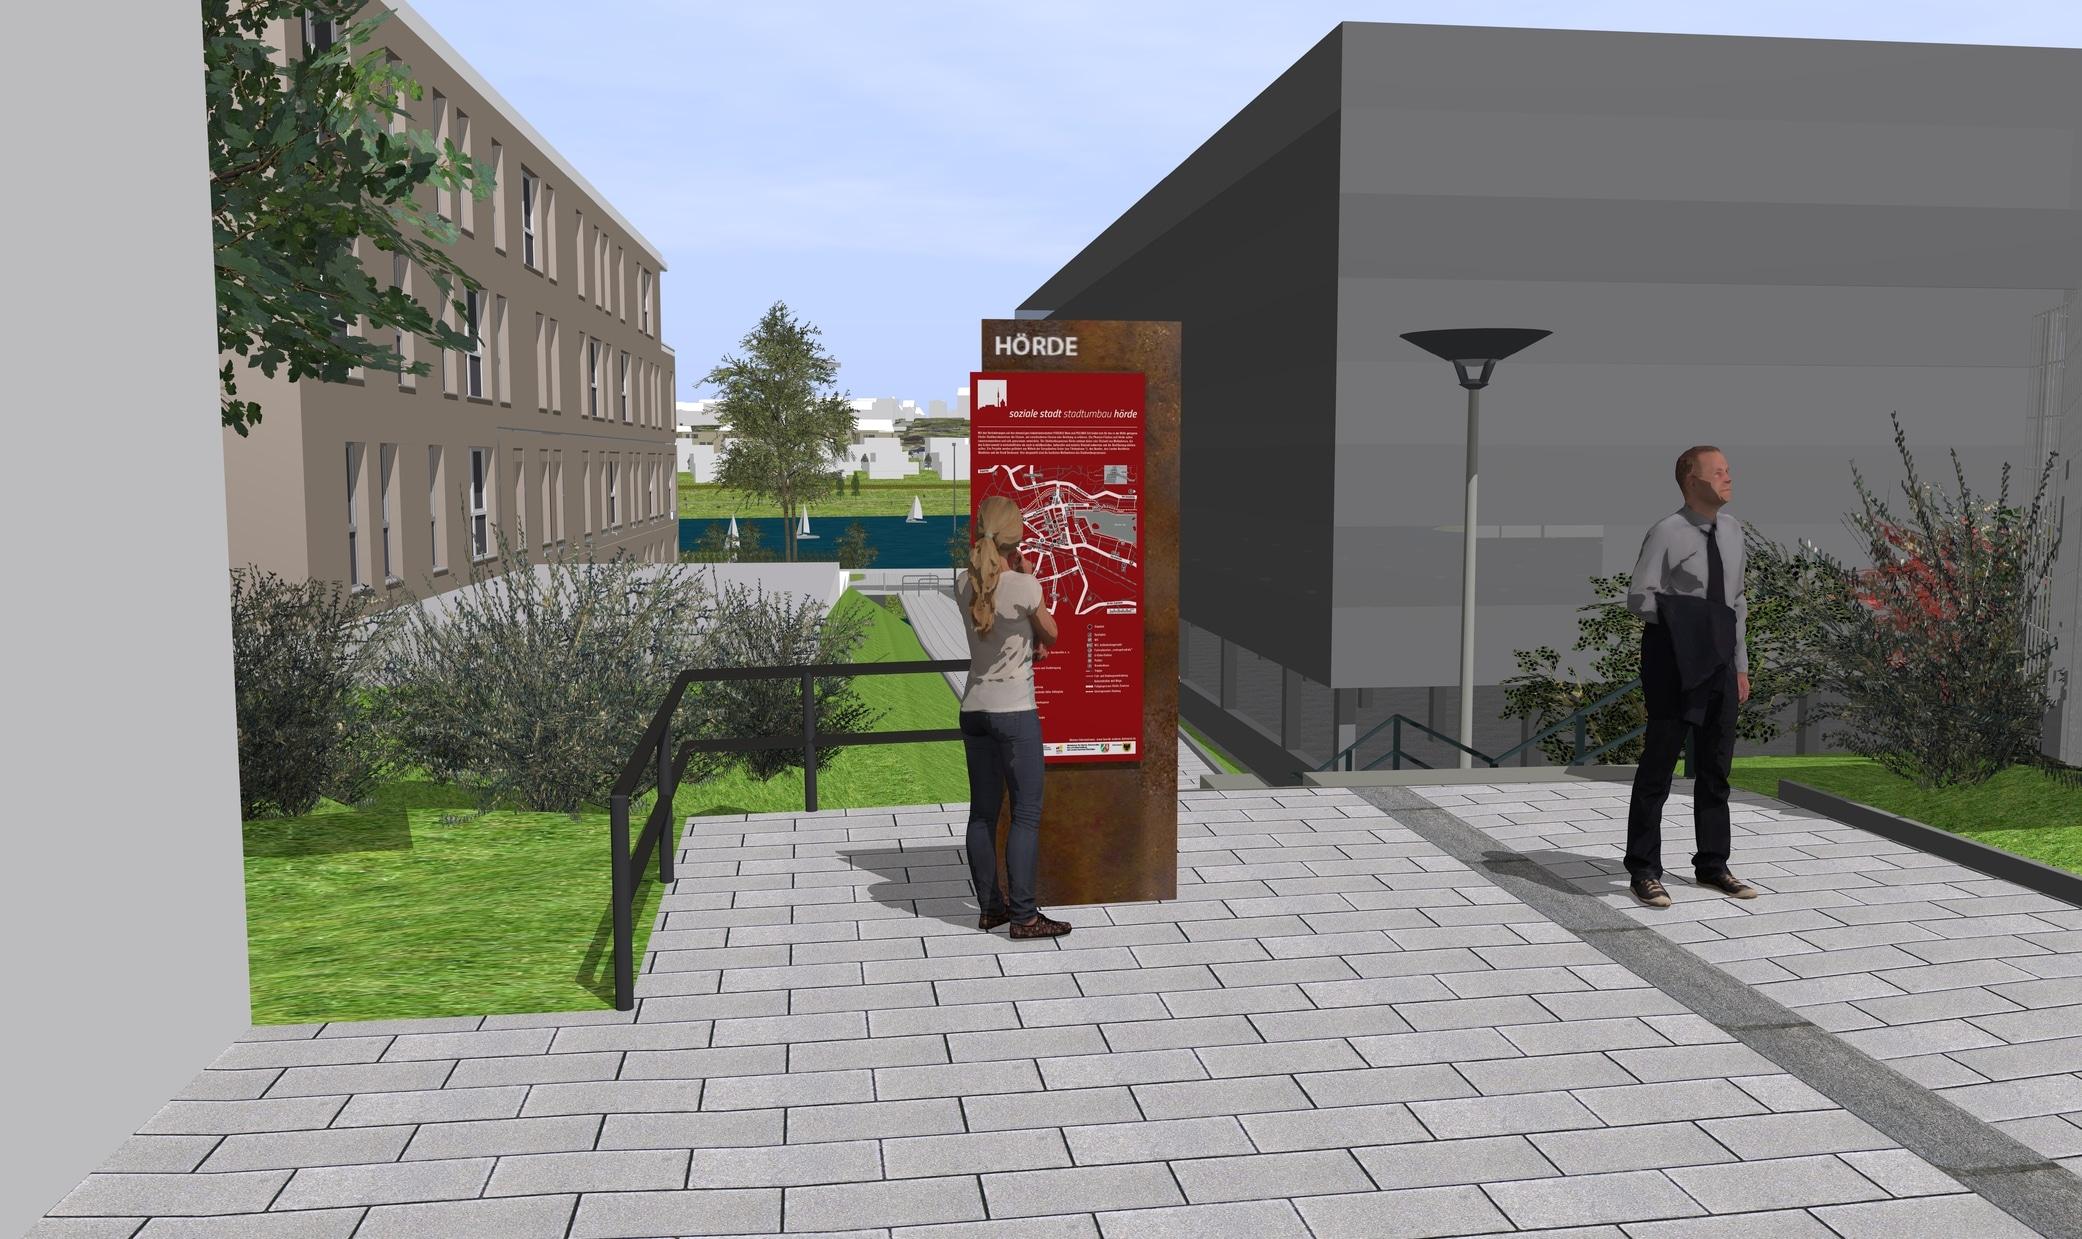 Stadterneuerung Hörde: Online-Beteiligung zum Umbau der Keltenstraße an der östlichen Hermannstraße gestartet